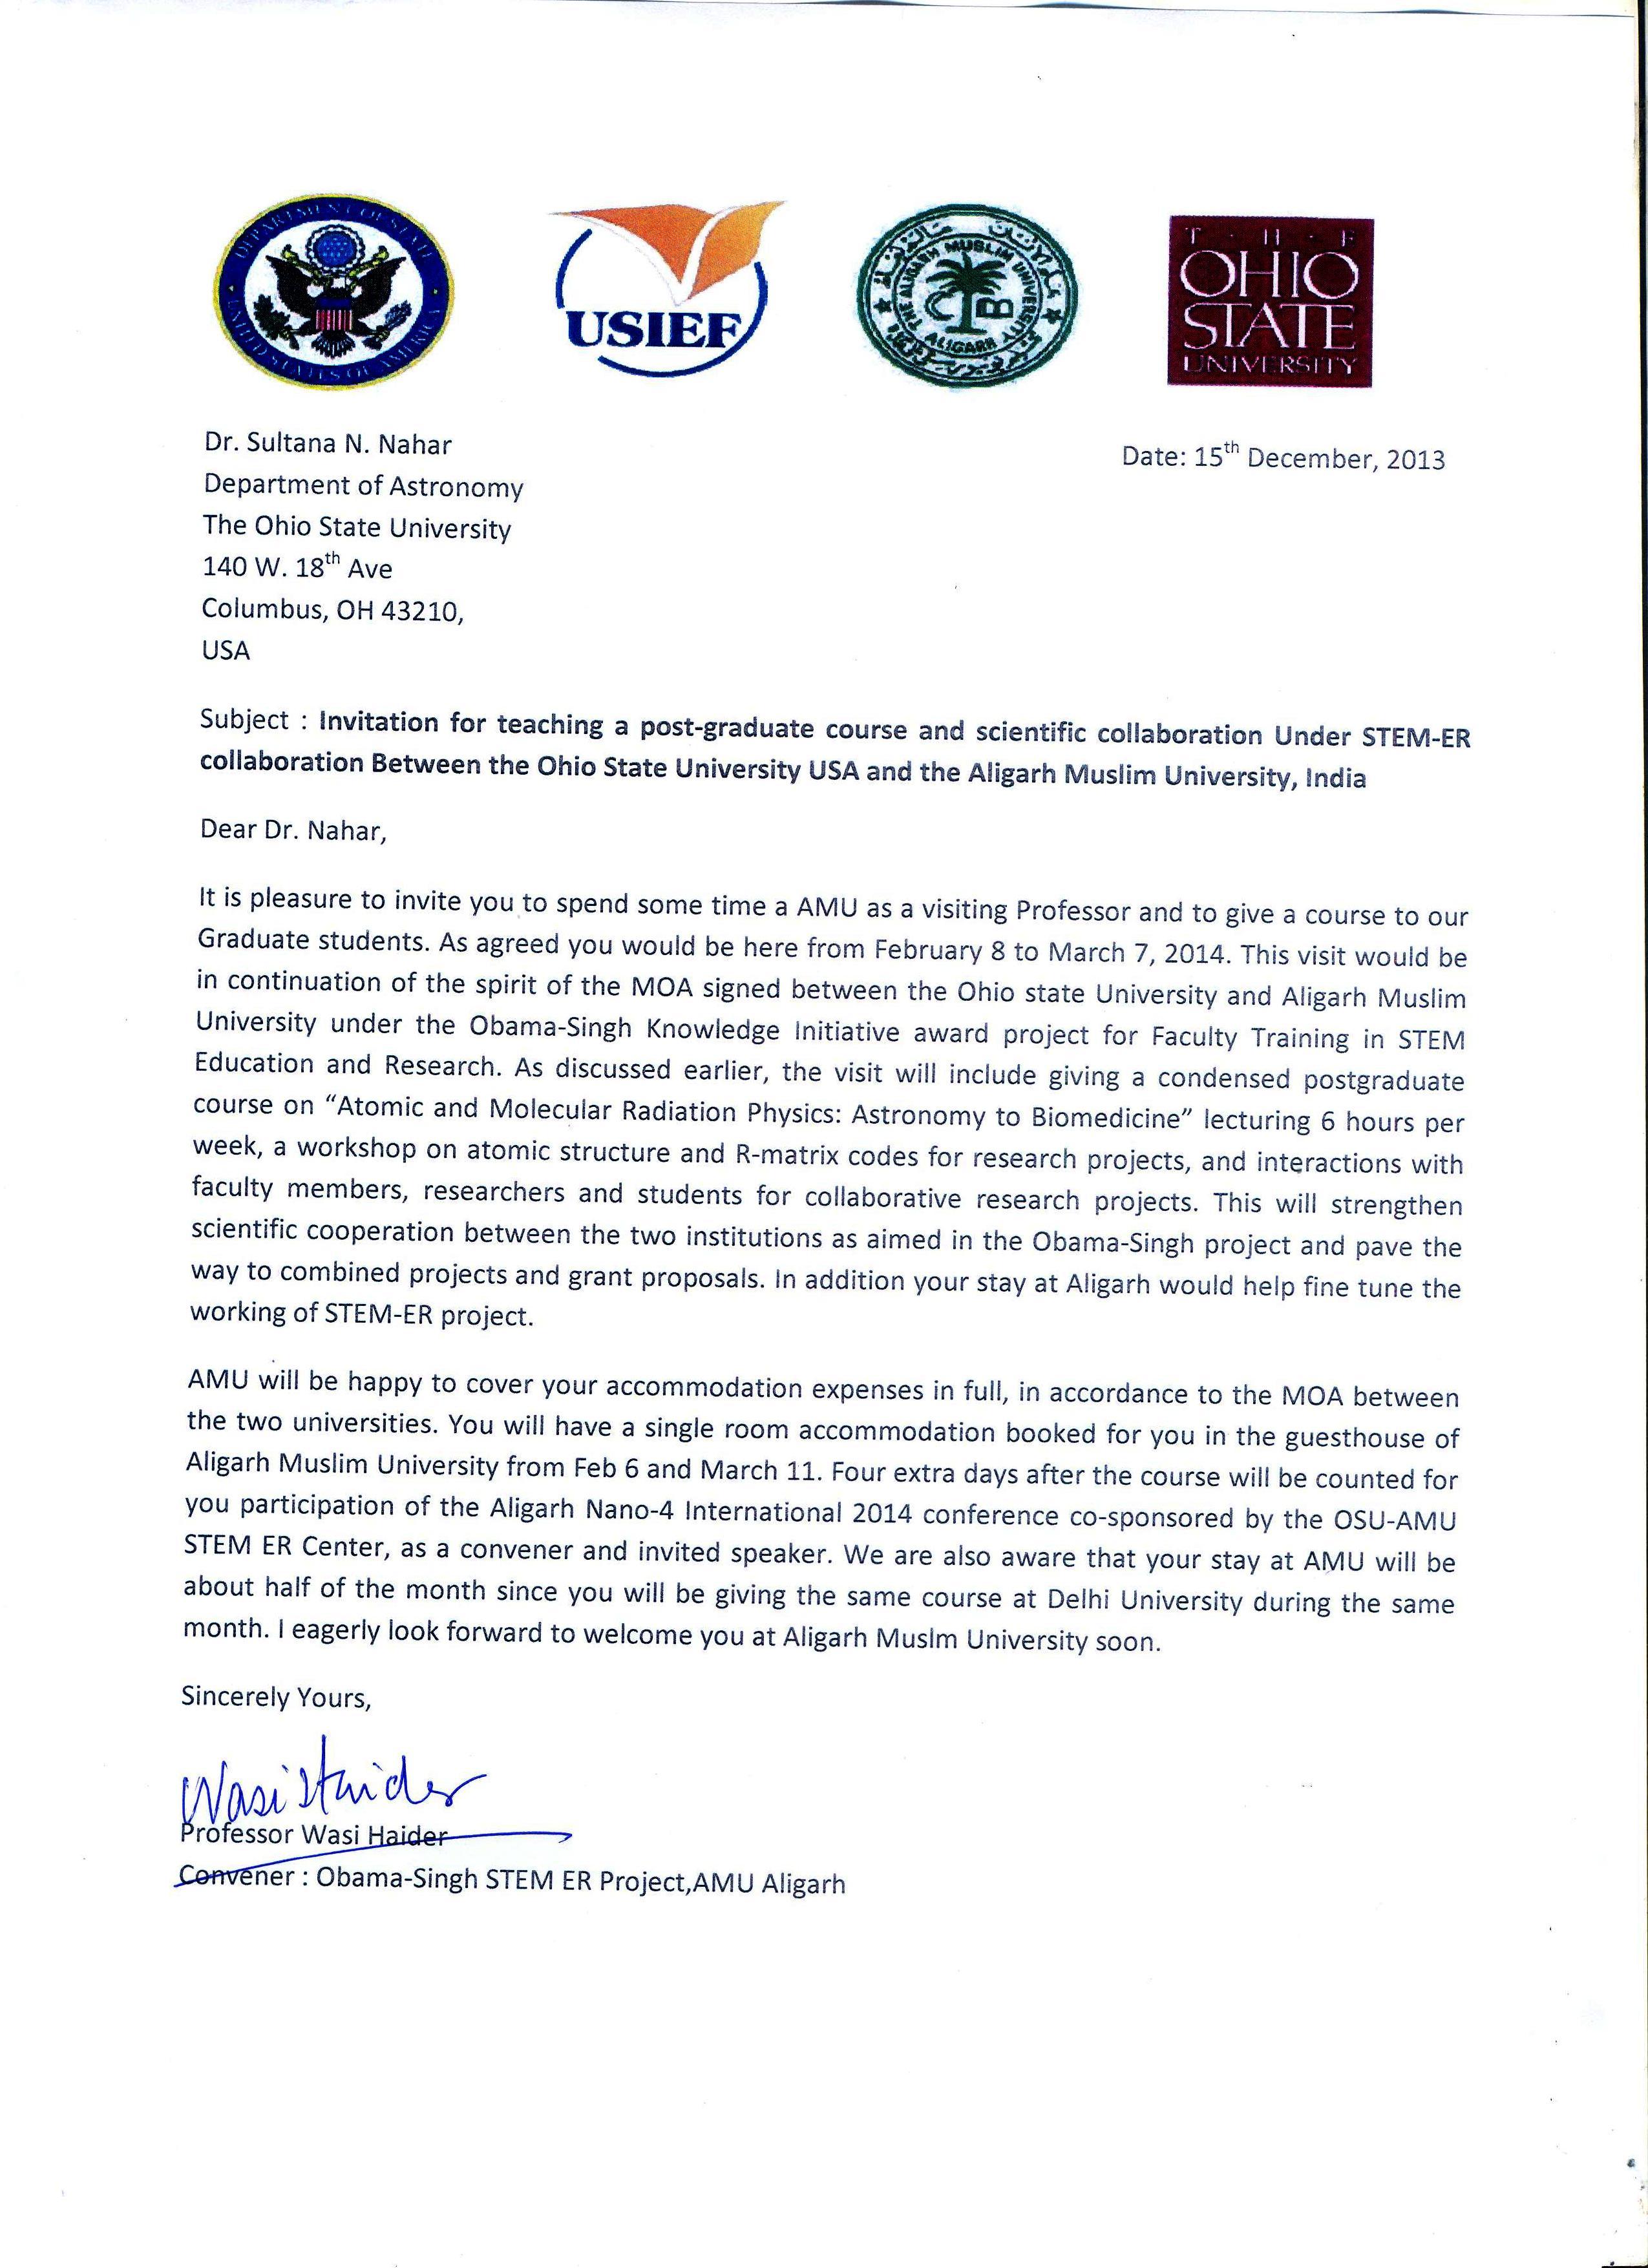 Research Collaboration Invitation Letter  Invitationsjdiorg